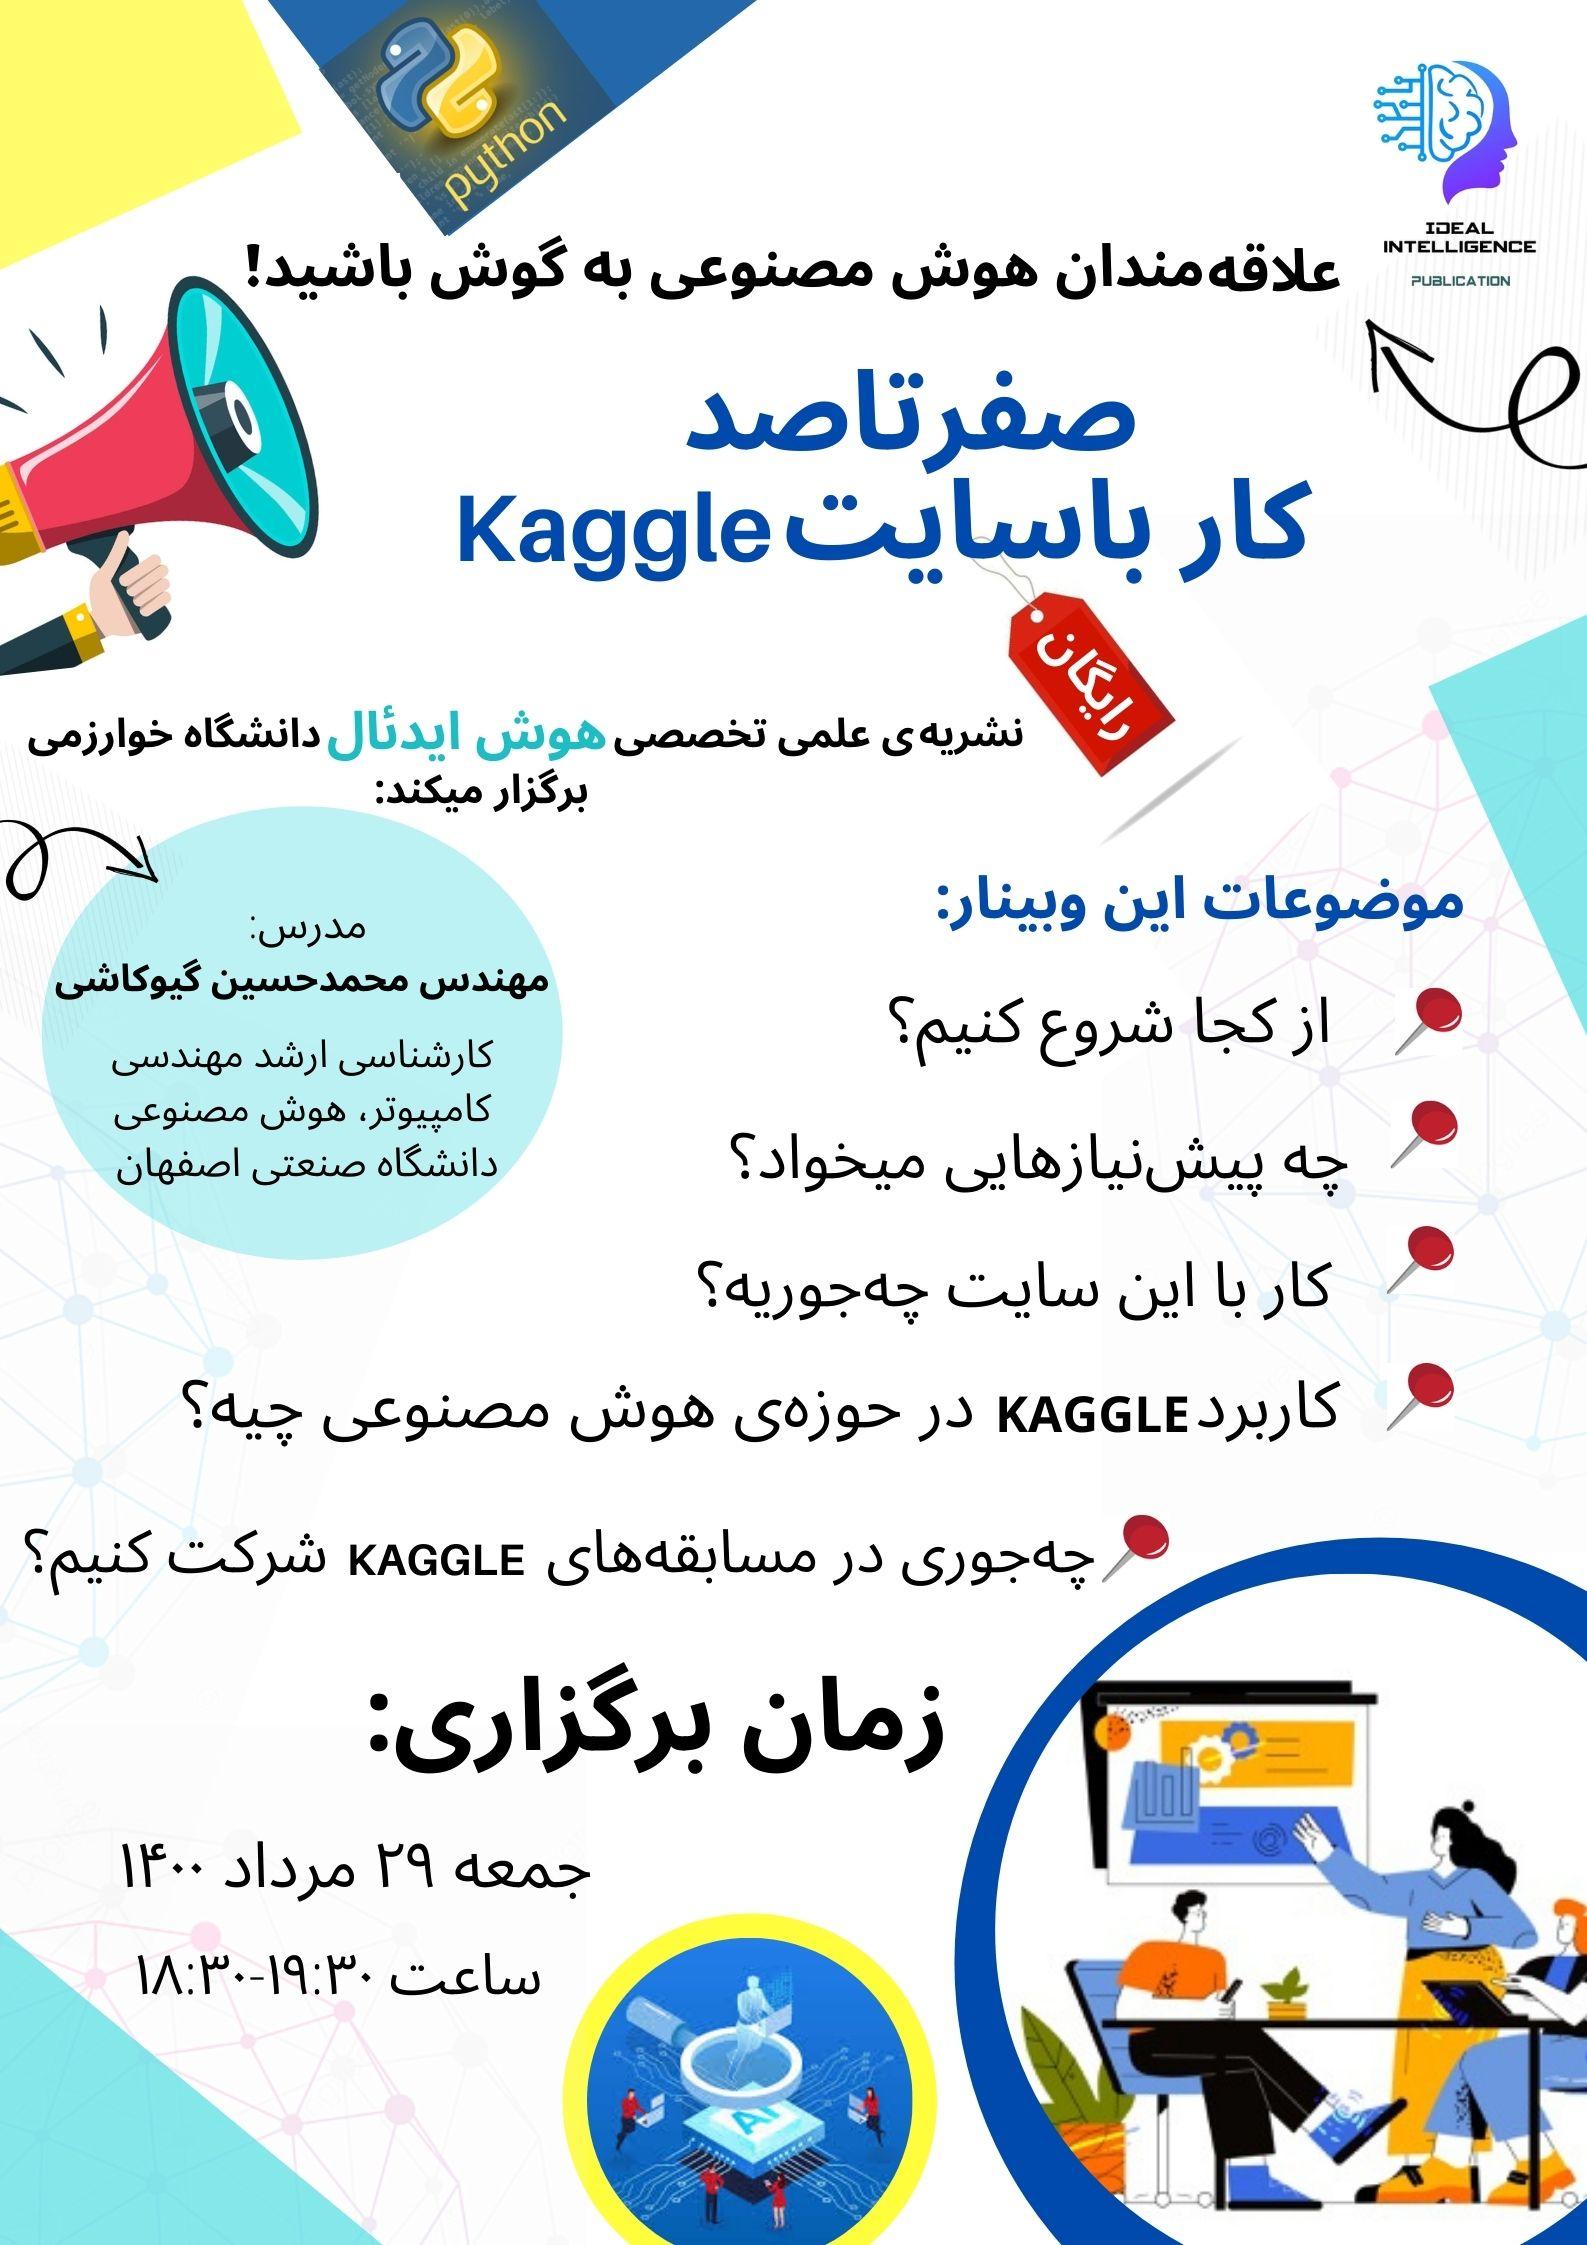 وبینار صفر تا صد کار با سایت Kaggle